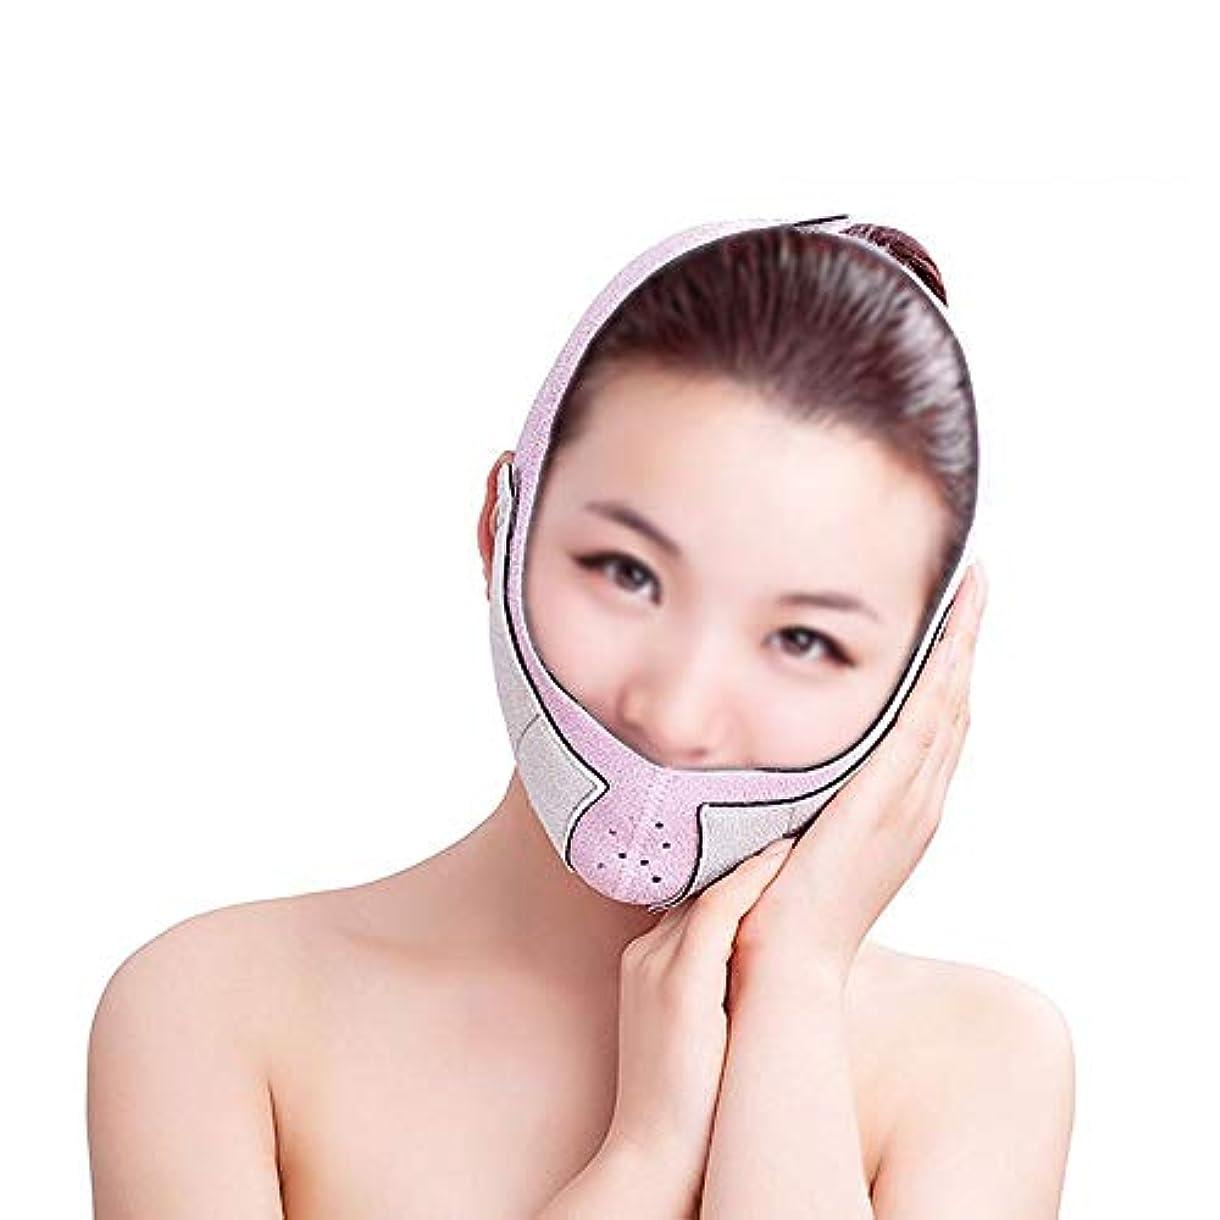 泥棒ページサイズTLMY 薄い顔マスク痩身ベルト薄い顔マスク強力なアップグレード小さいV顔薄い顔包帯美容顔デバイス 顔用整形マスク